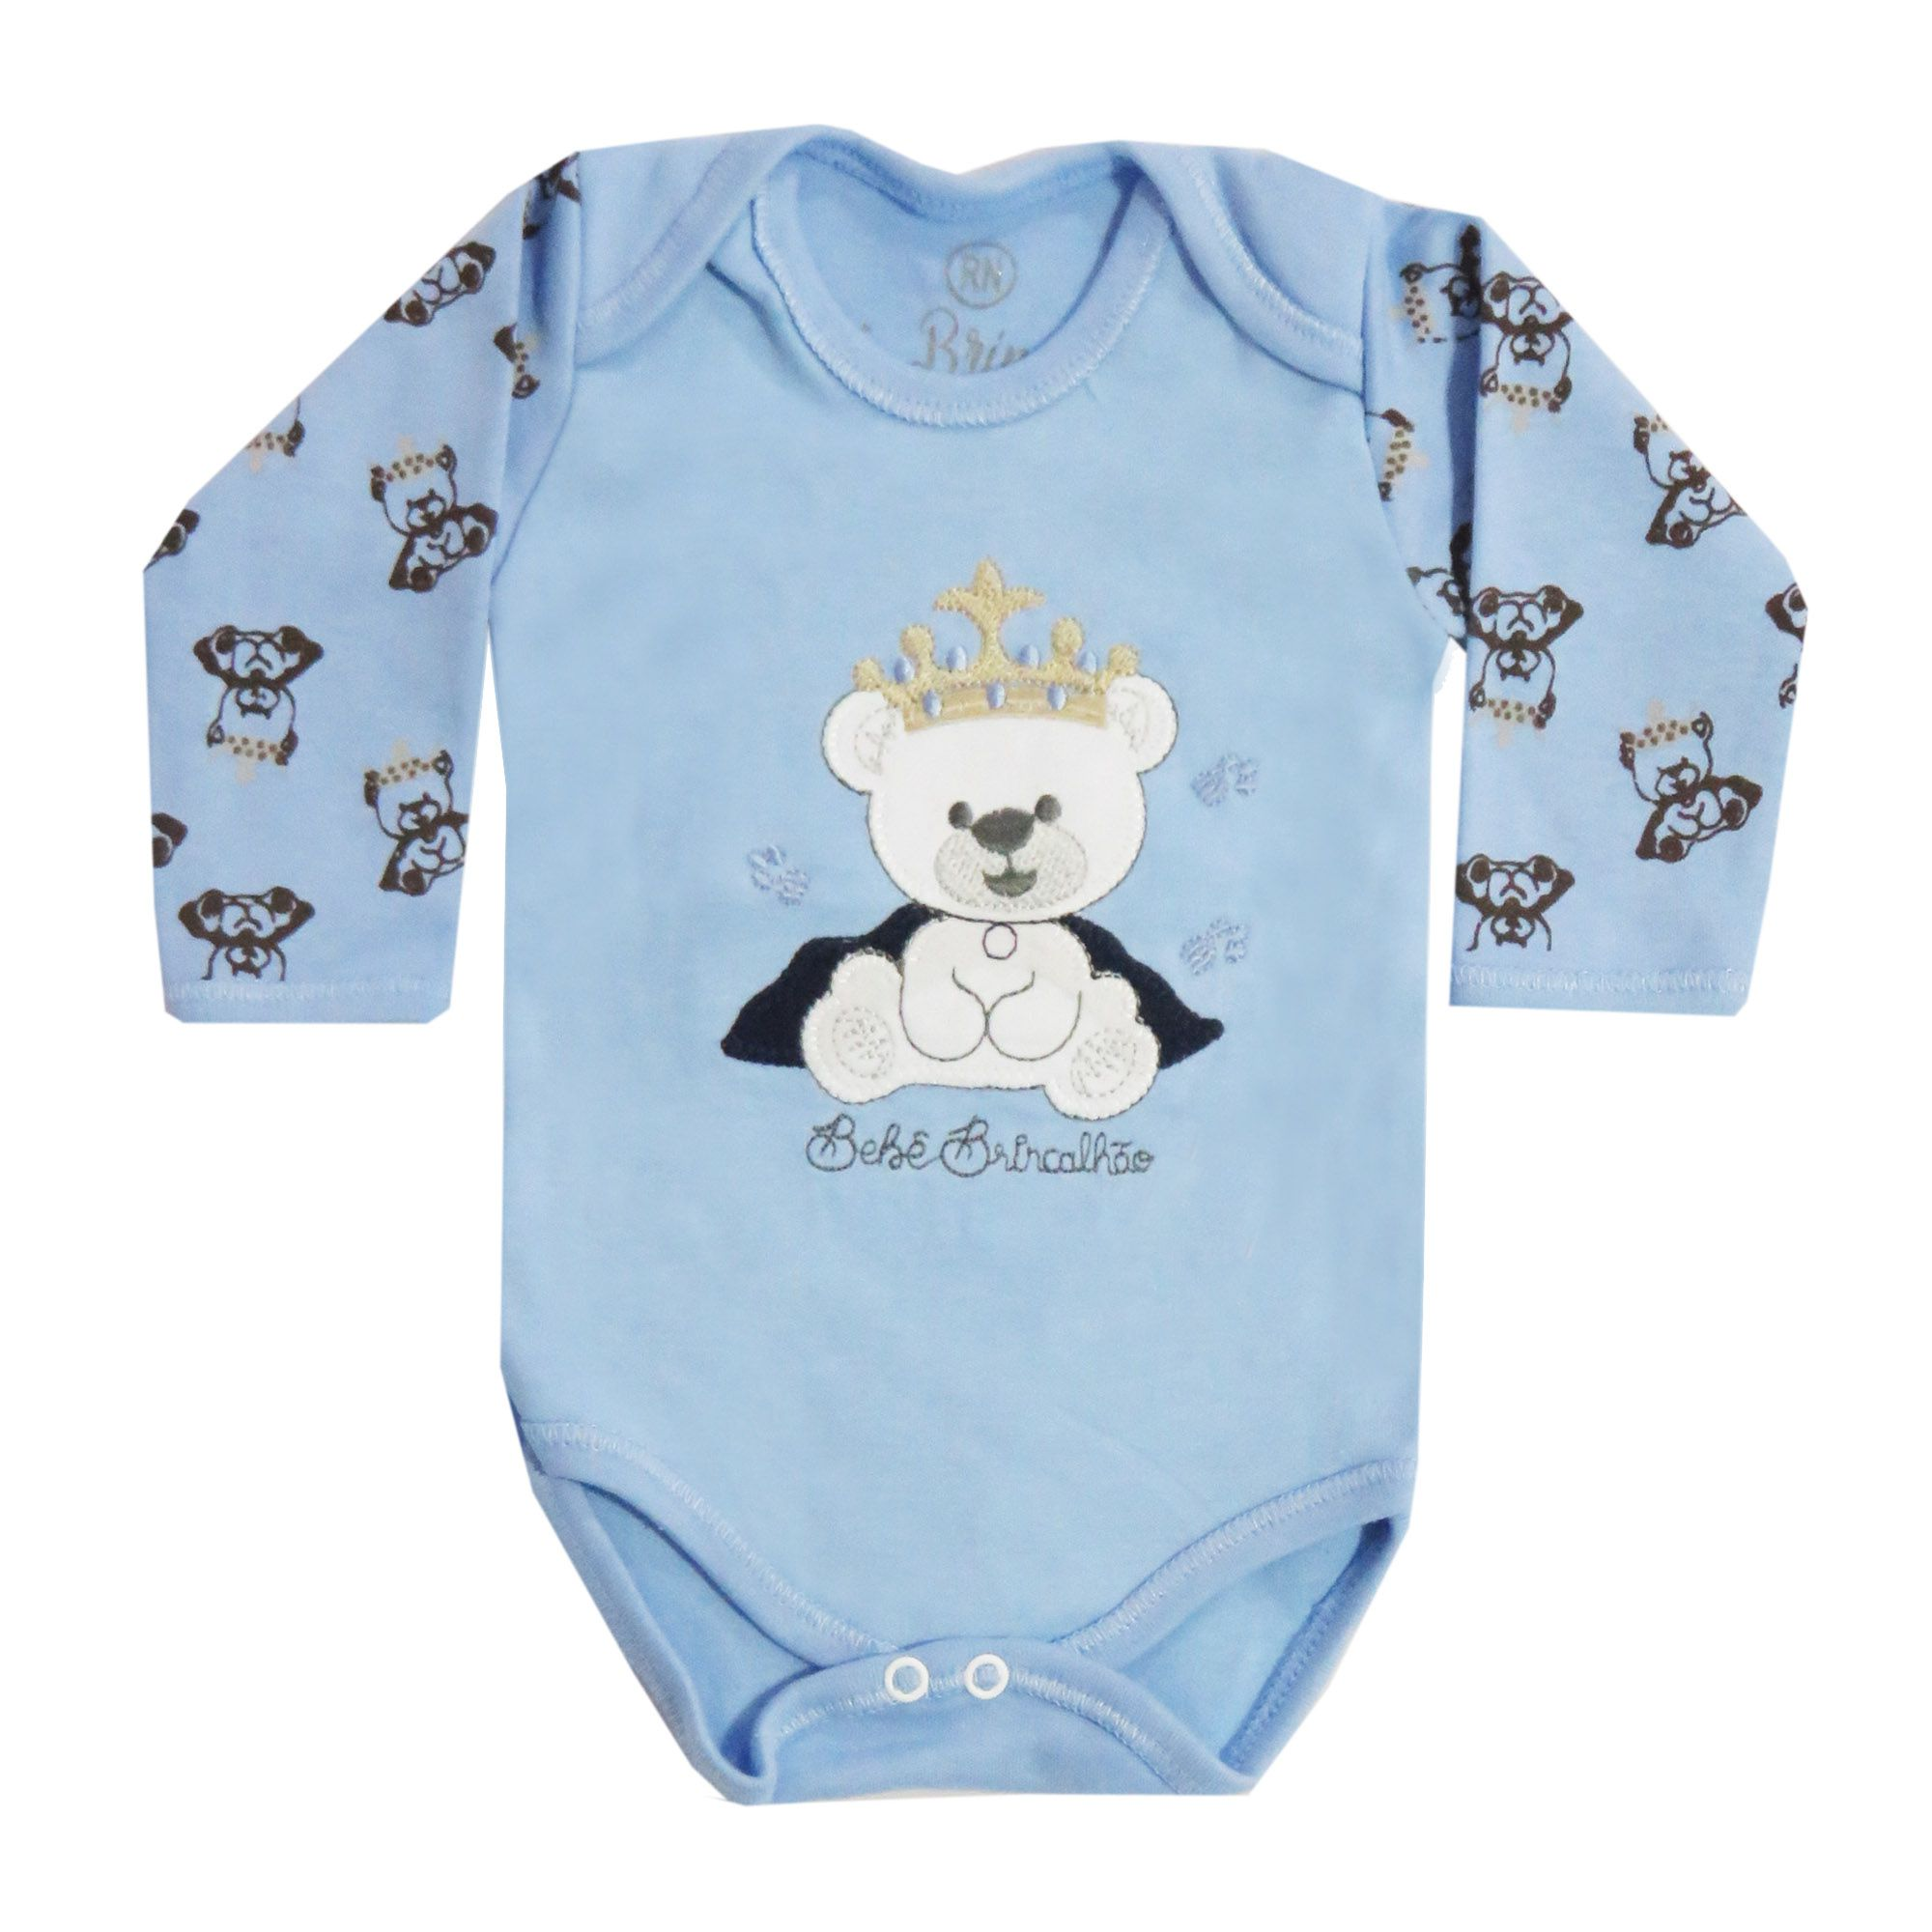 Body Manga Longa Bebê Brincalhão Bordado Urso Real - Rn ao G